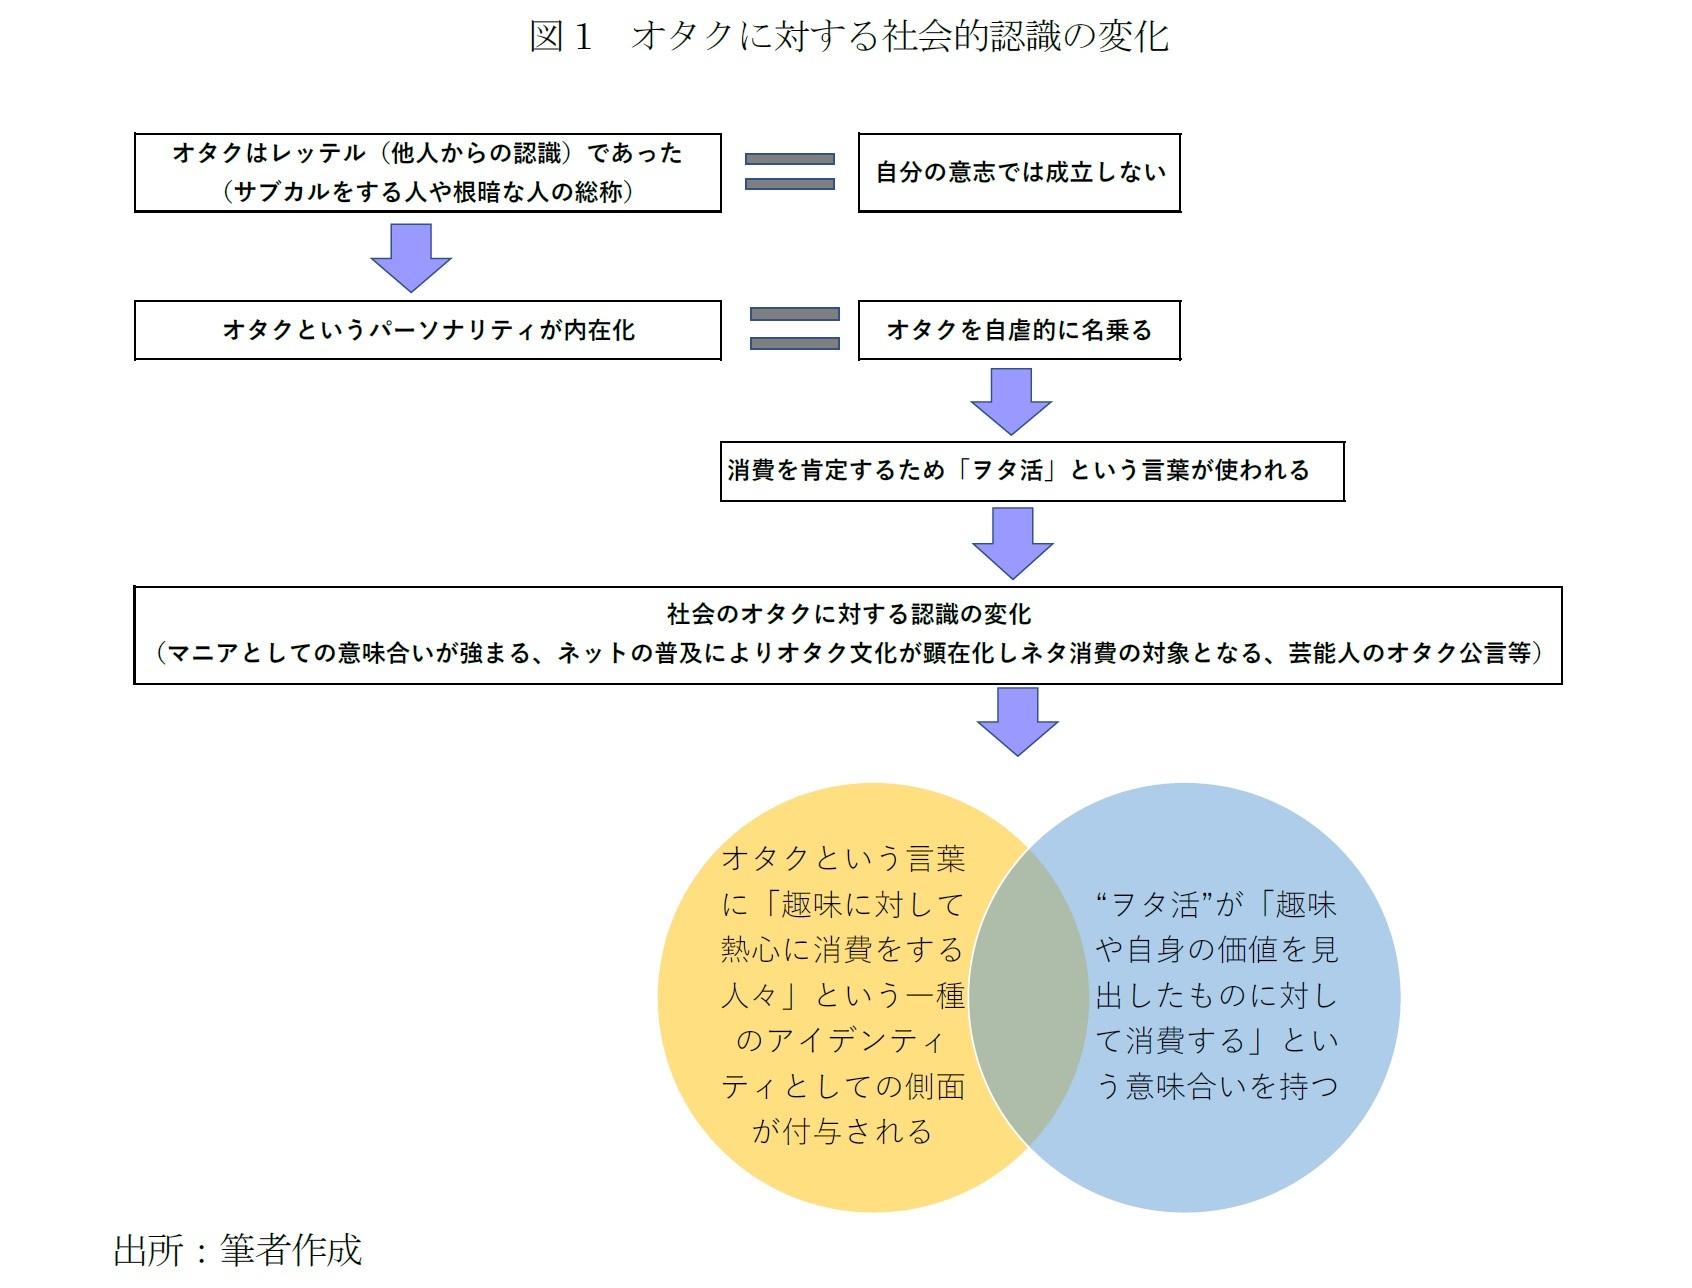 図1 オタクに対する社会的認識の変化